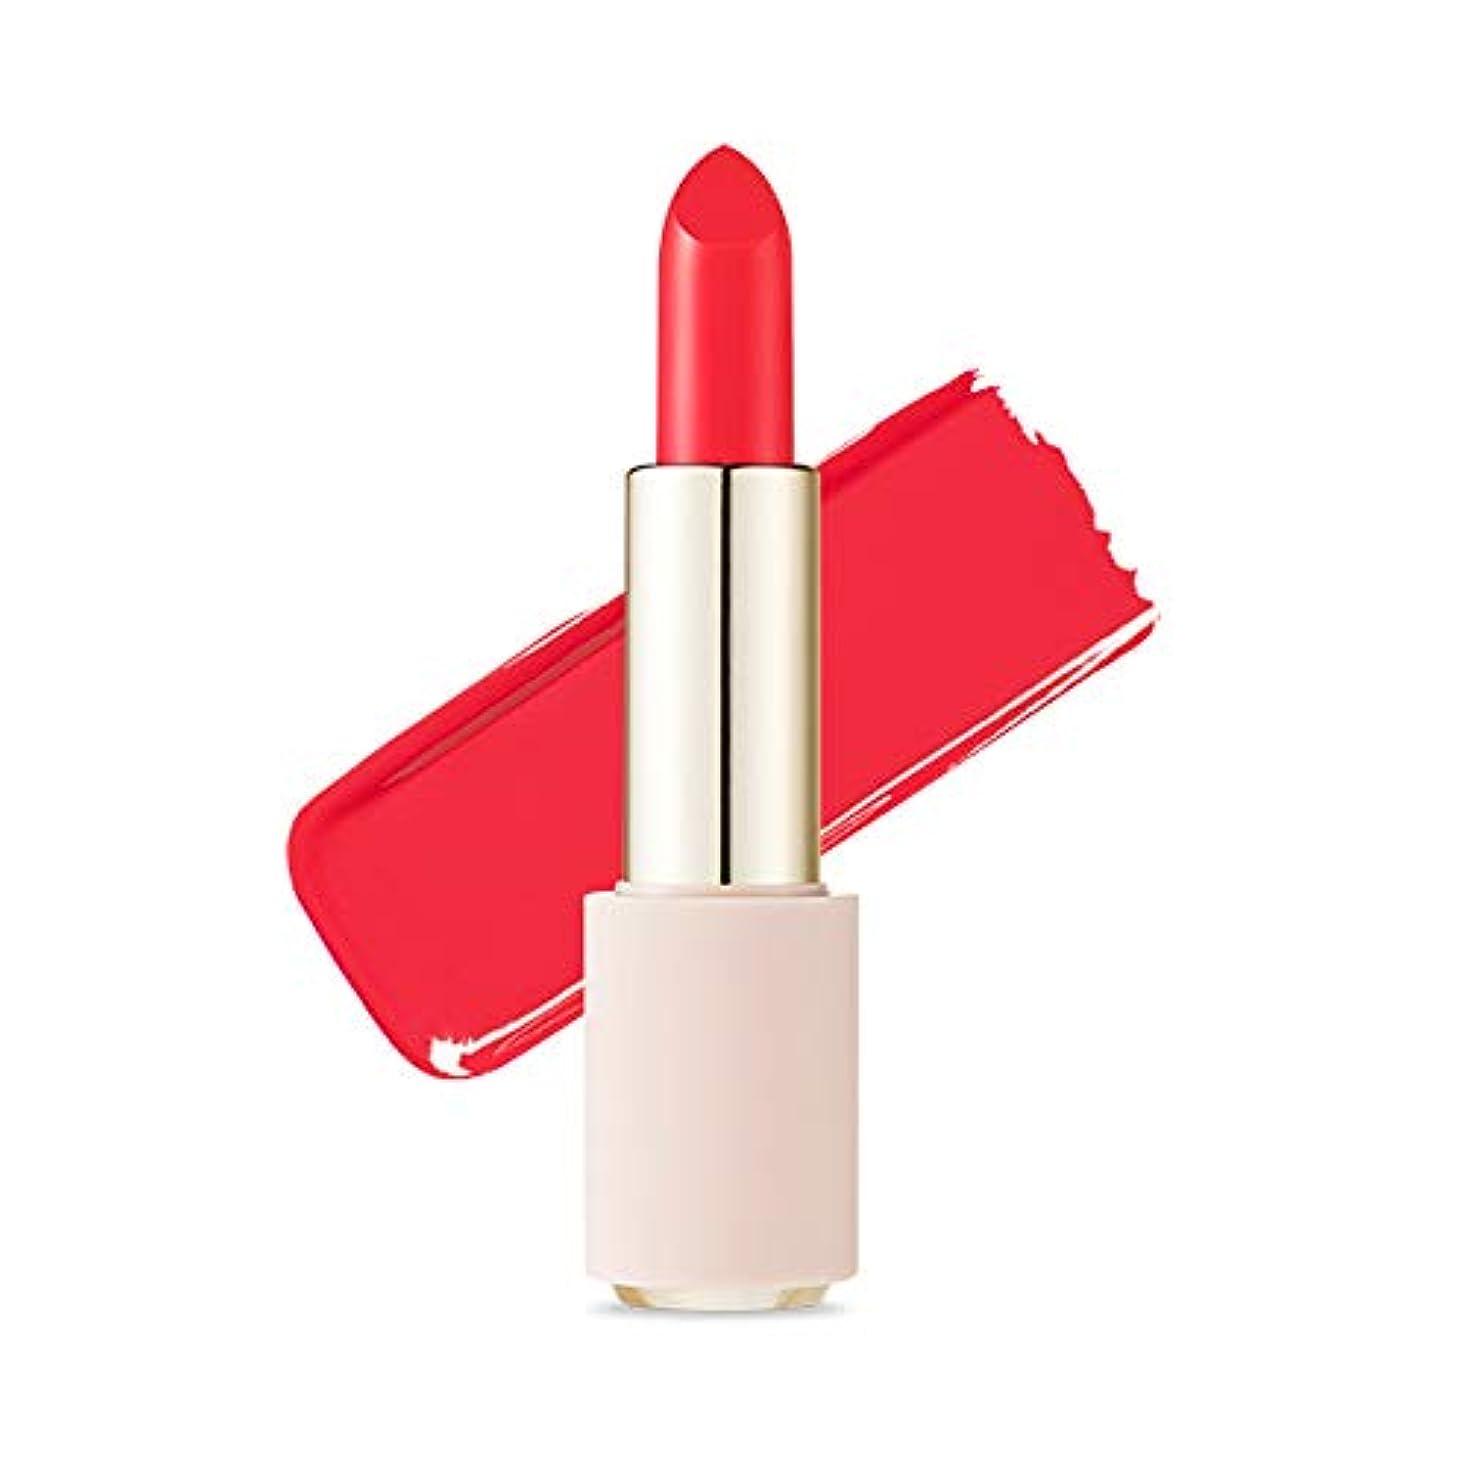 デュアル拒絶感嘆符Etude House Better Lips Talk エチュードハウス ベター リップス - トーク (# PK027 Fall in Pink) [並行輸入品]